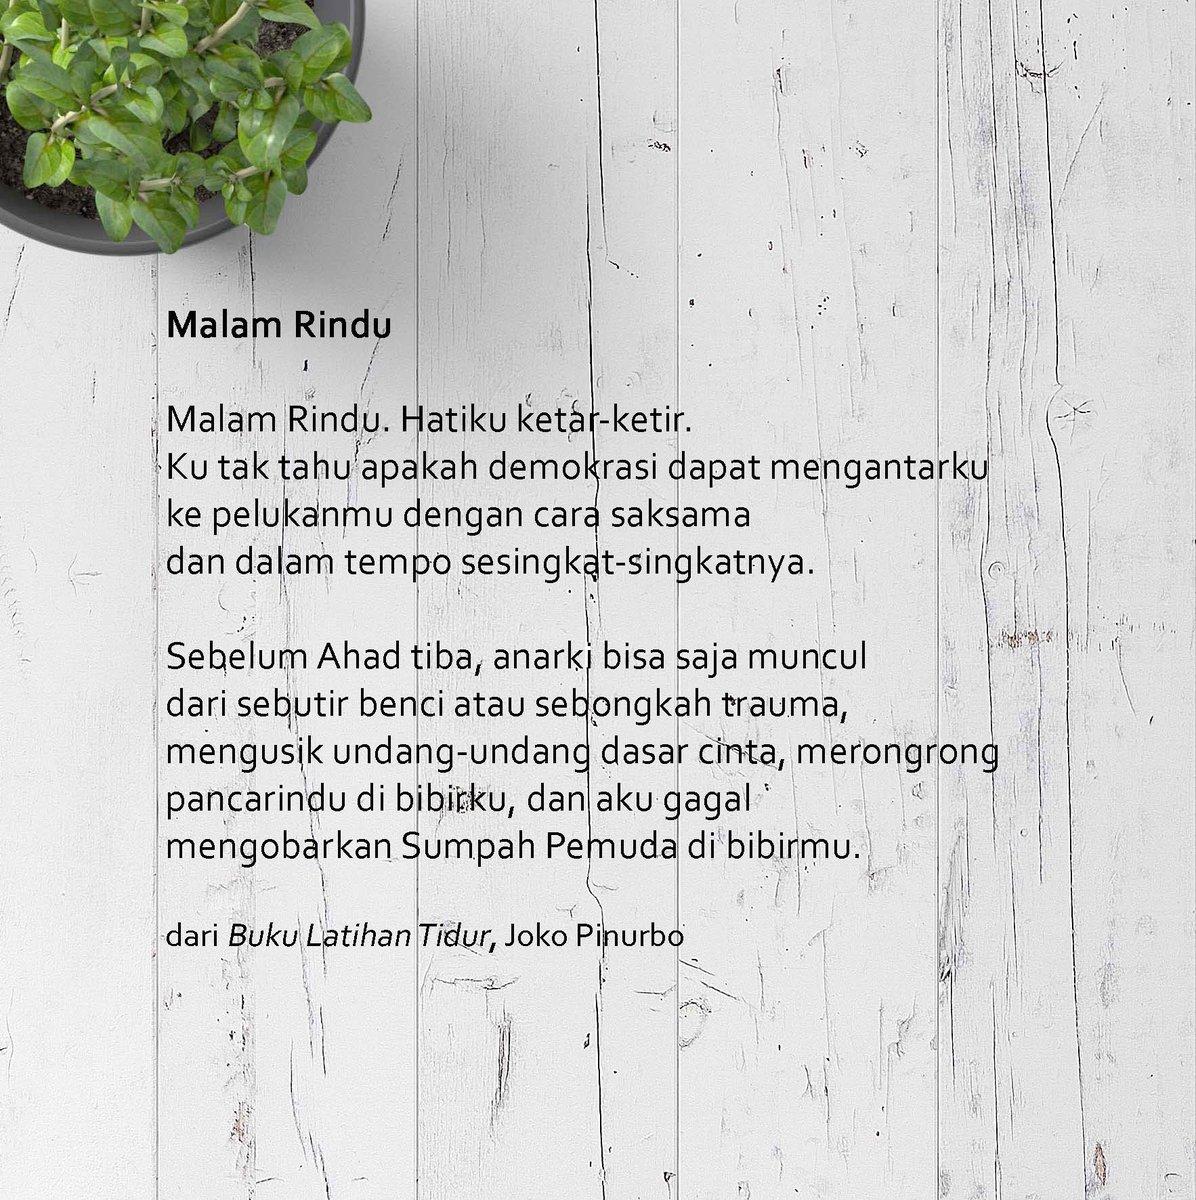 Sastra Gpu On Twitter Telah Terbit Buku Latihan Tidur Jokopinurbo